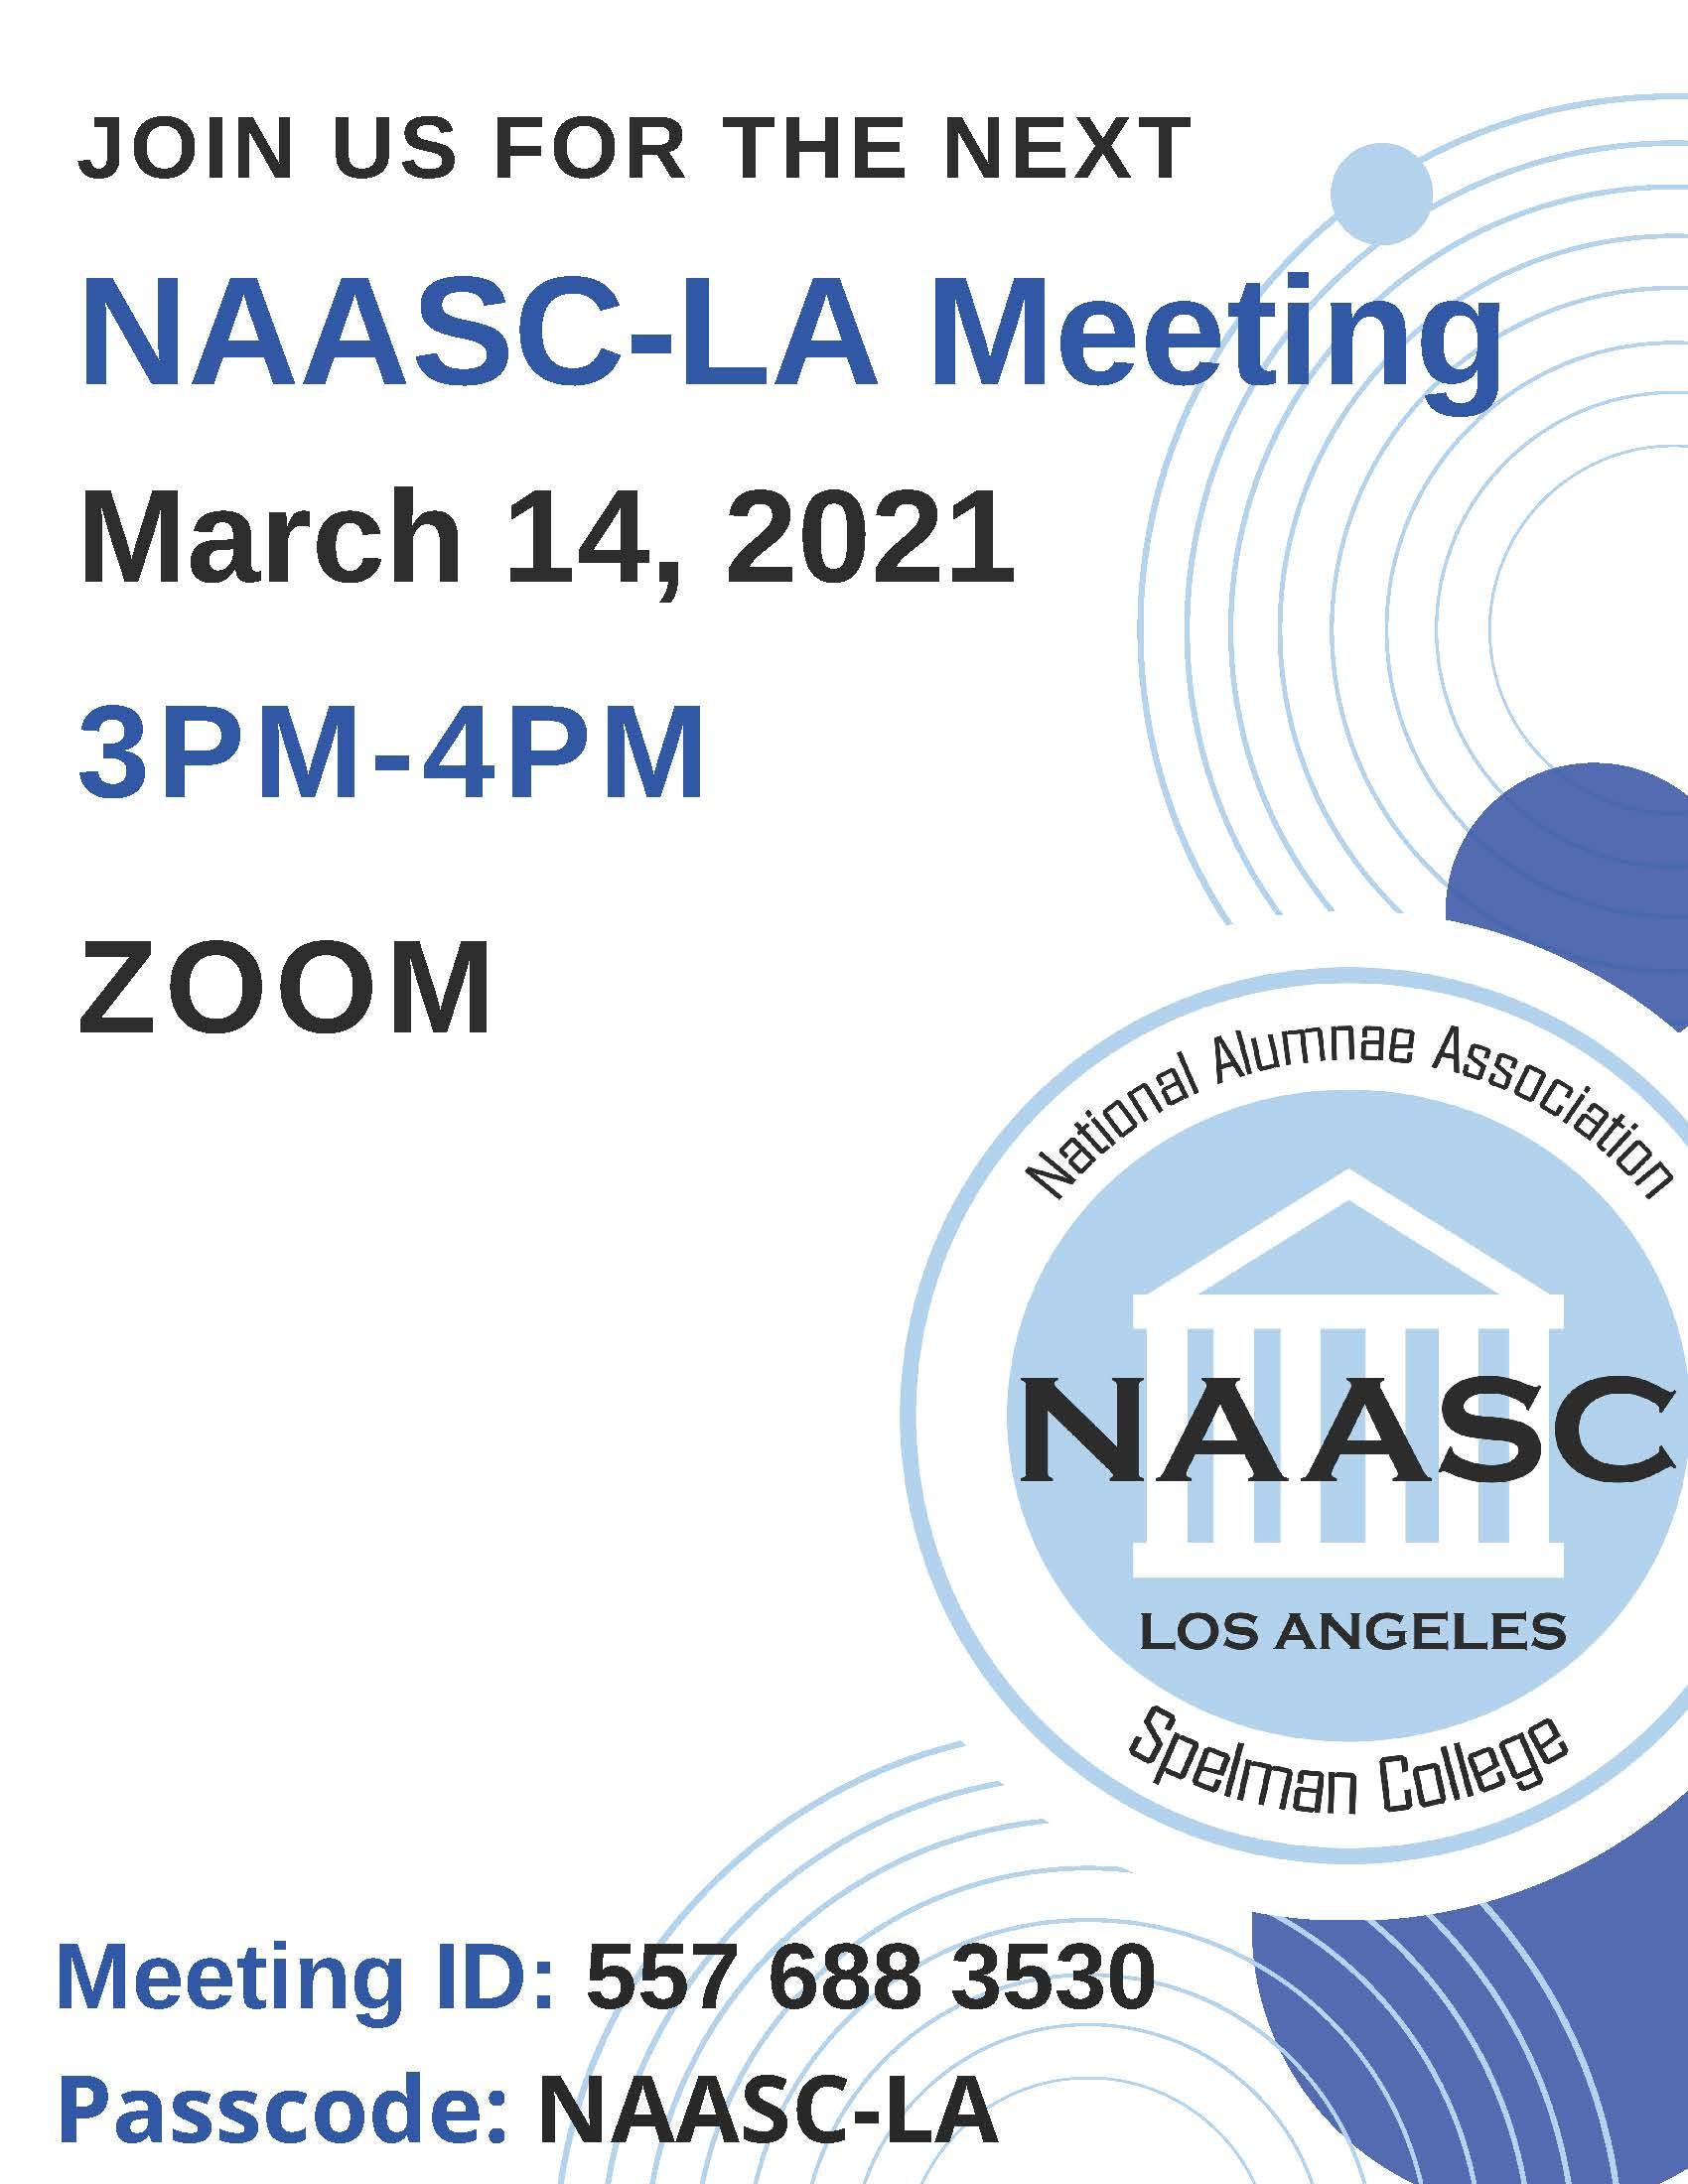 Feb 2021 Zoom Meeting Details Here